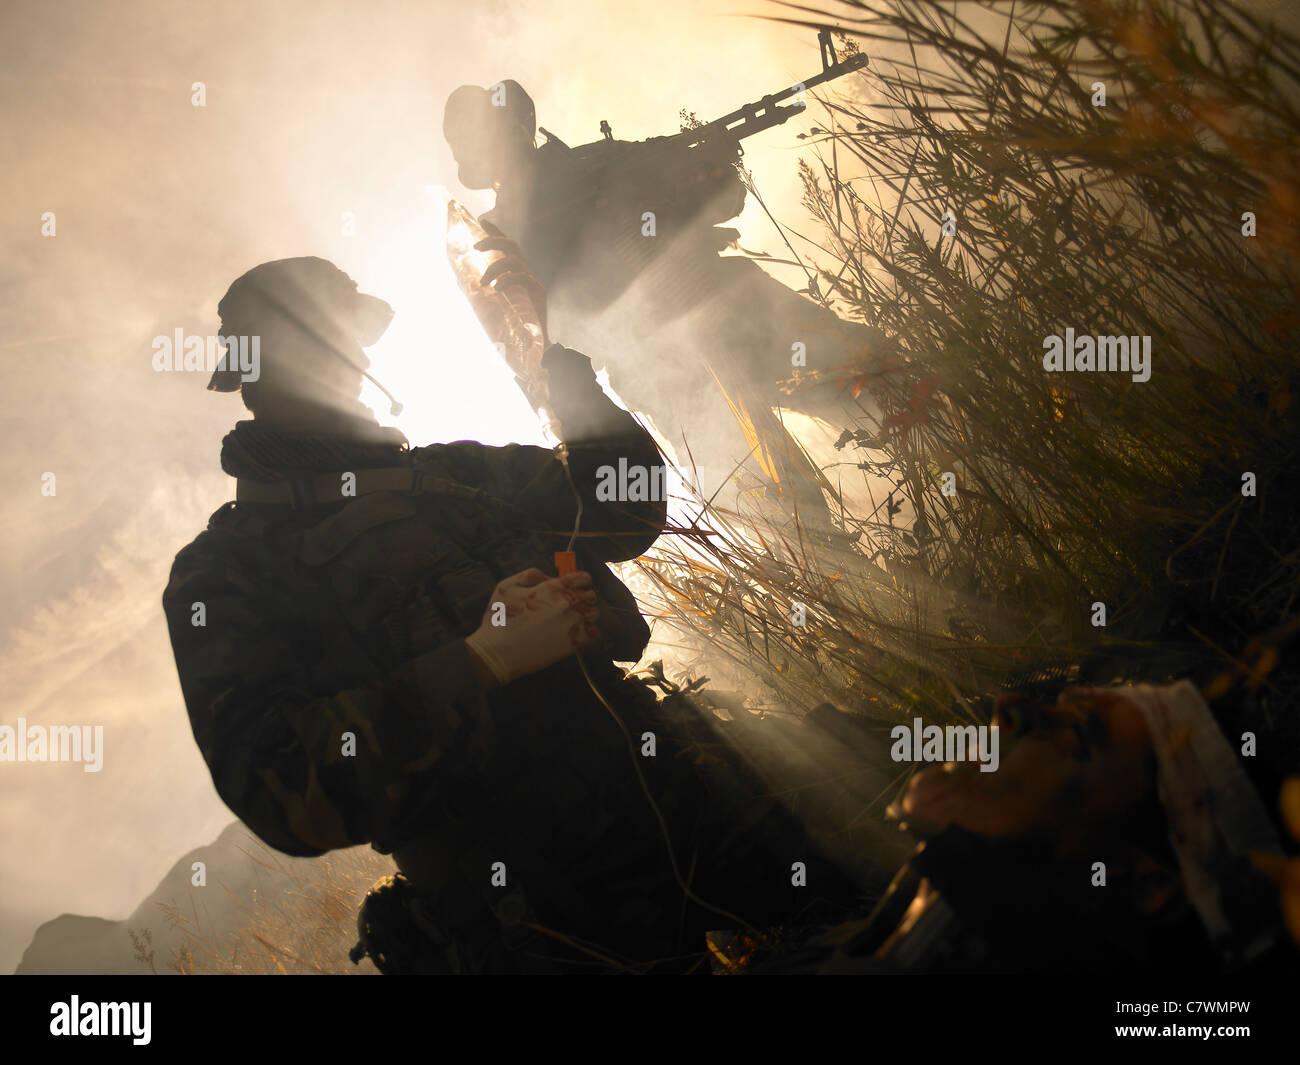 U.S. Navy SEALs les premiers soins à un soldat blessé. Photo Stock